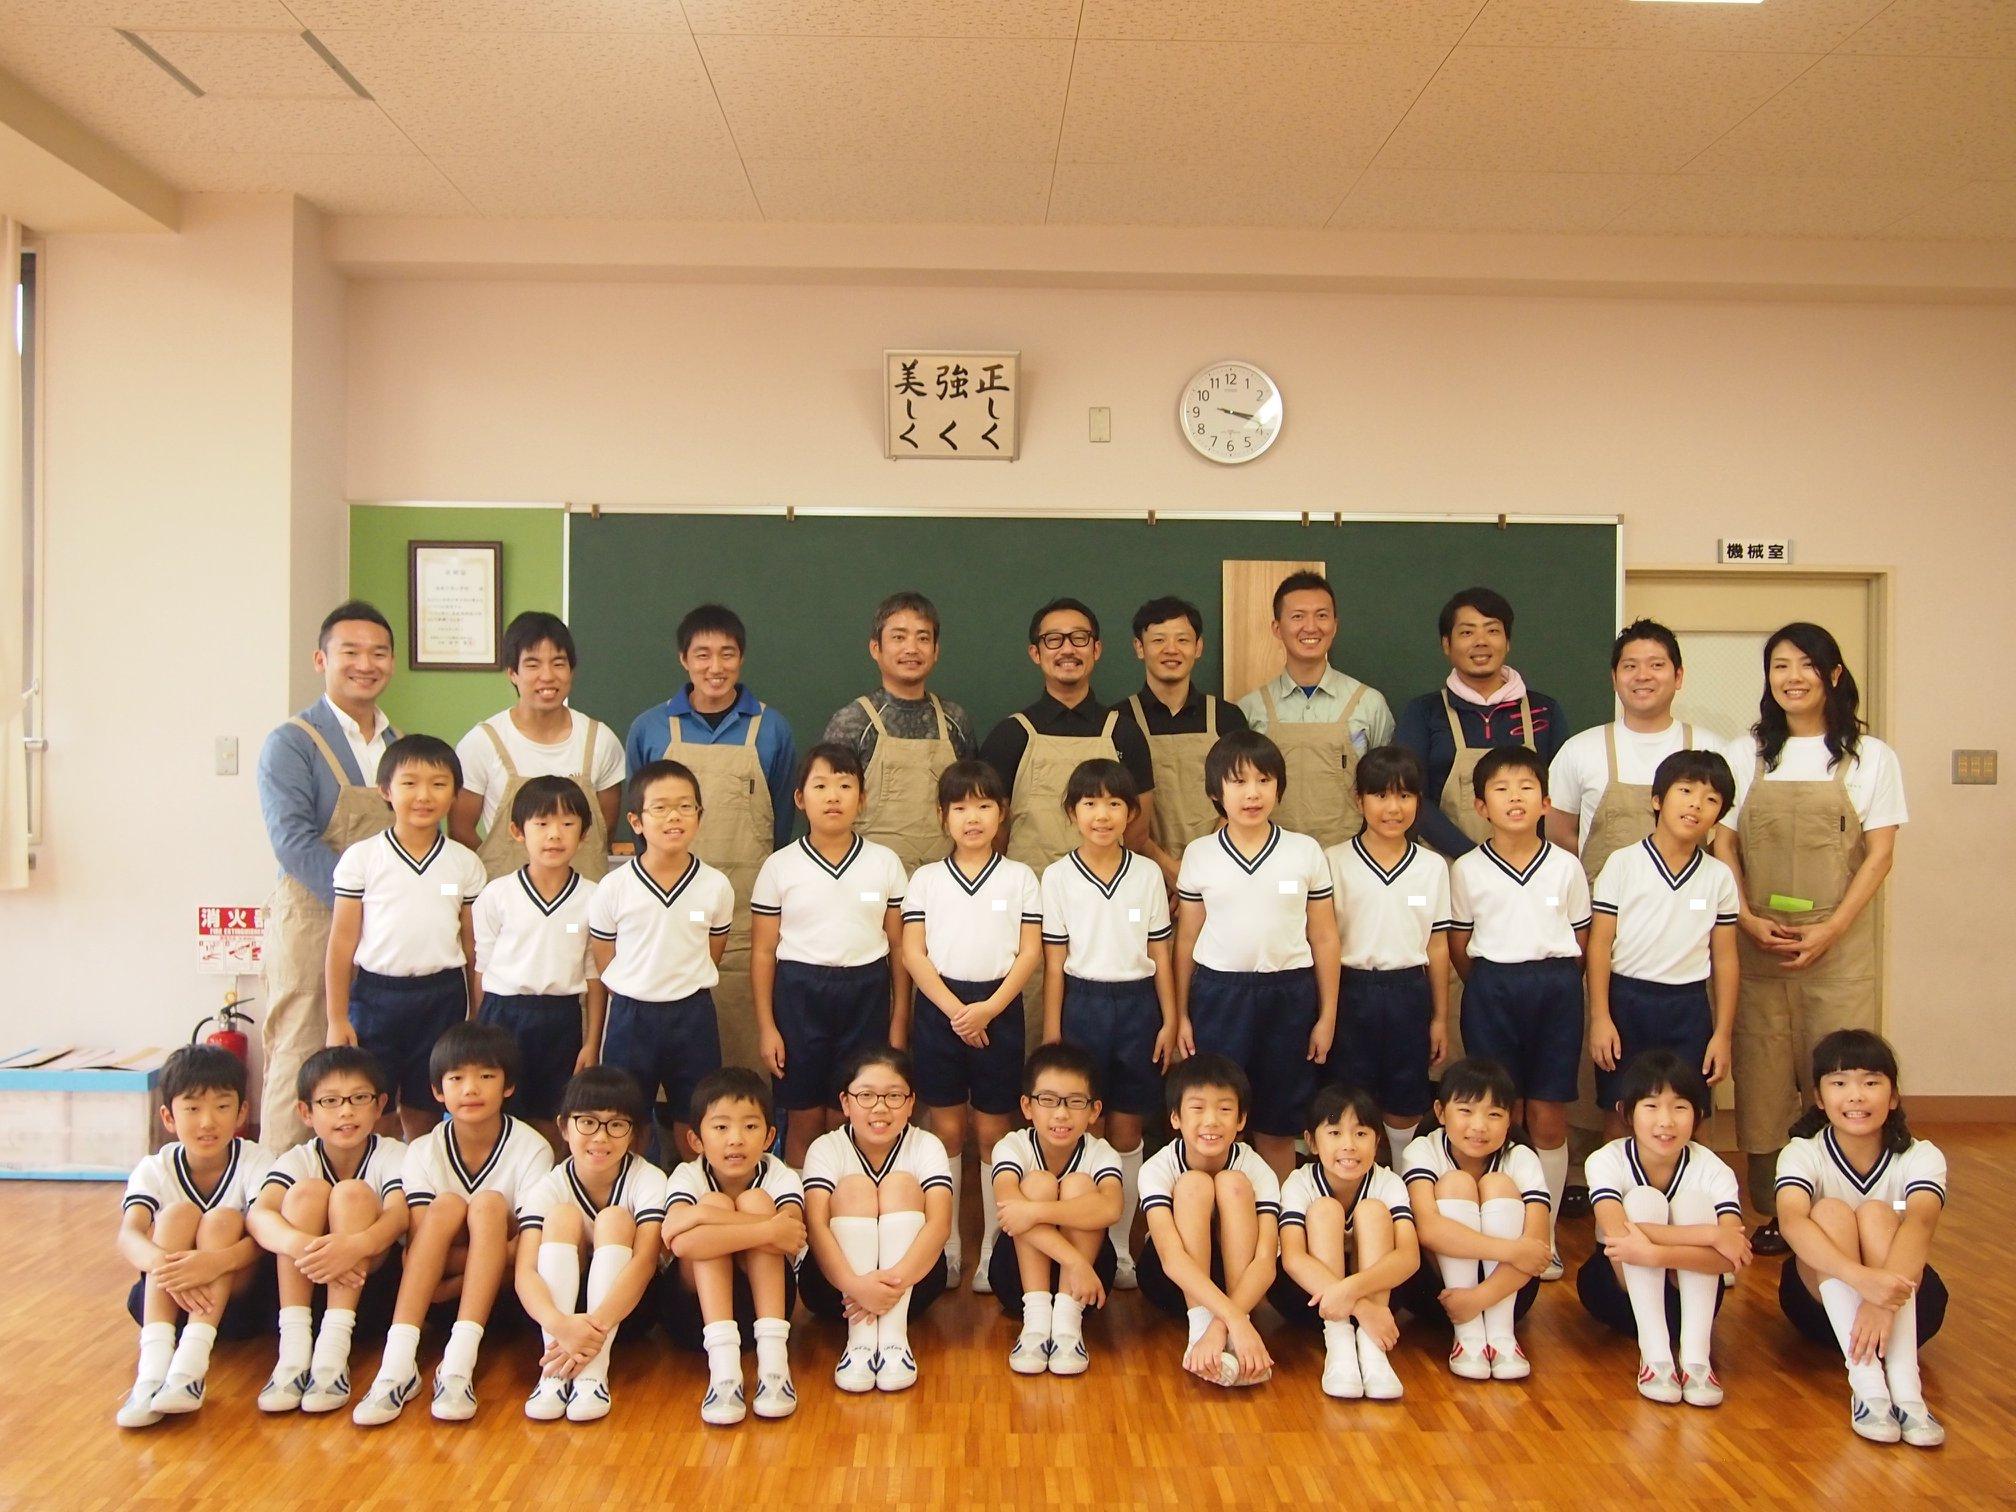 徳島文理小学校にて木育出前授業「木育教室」開催!